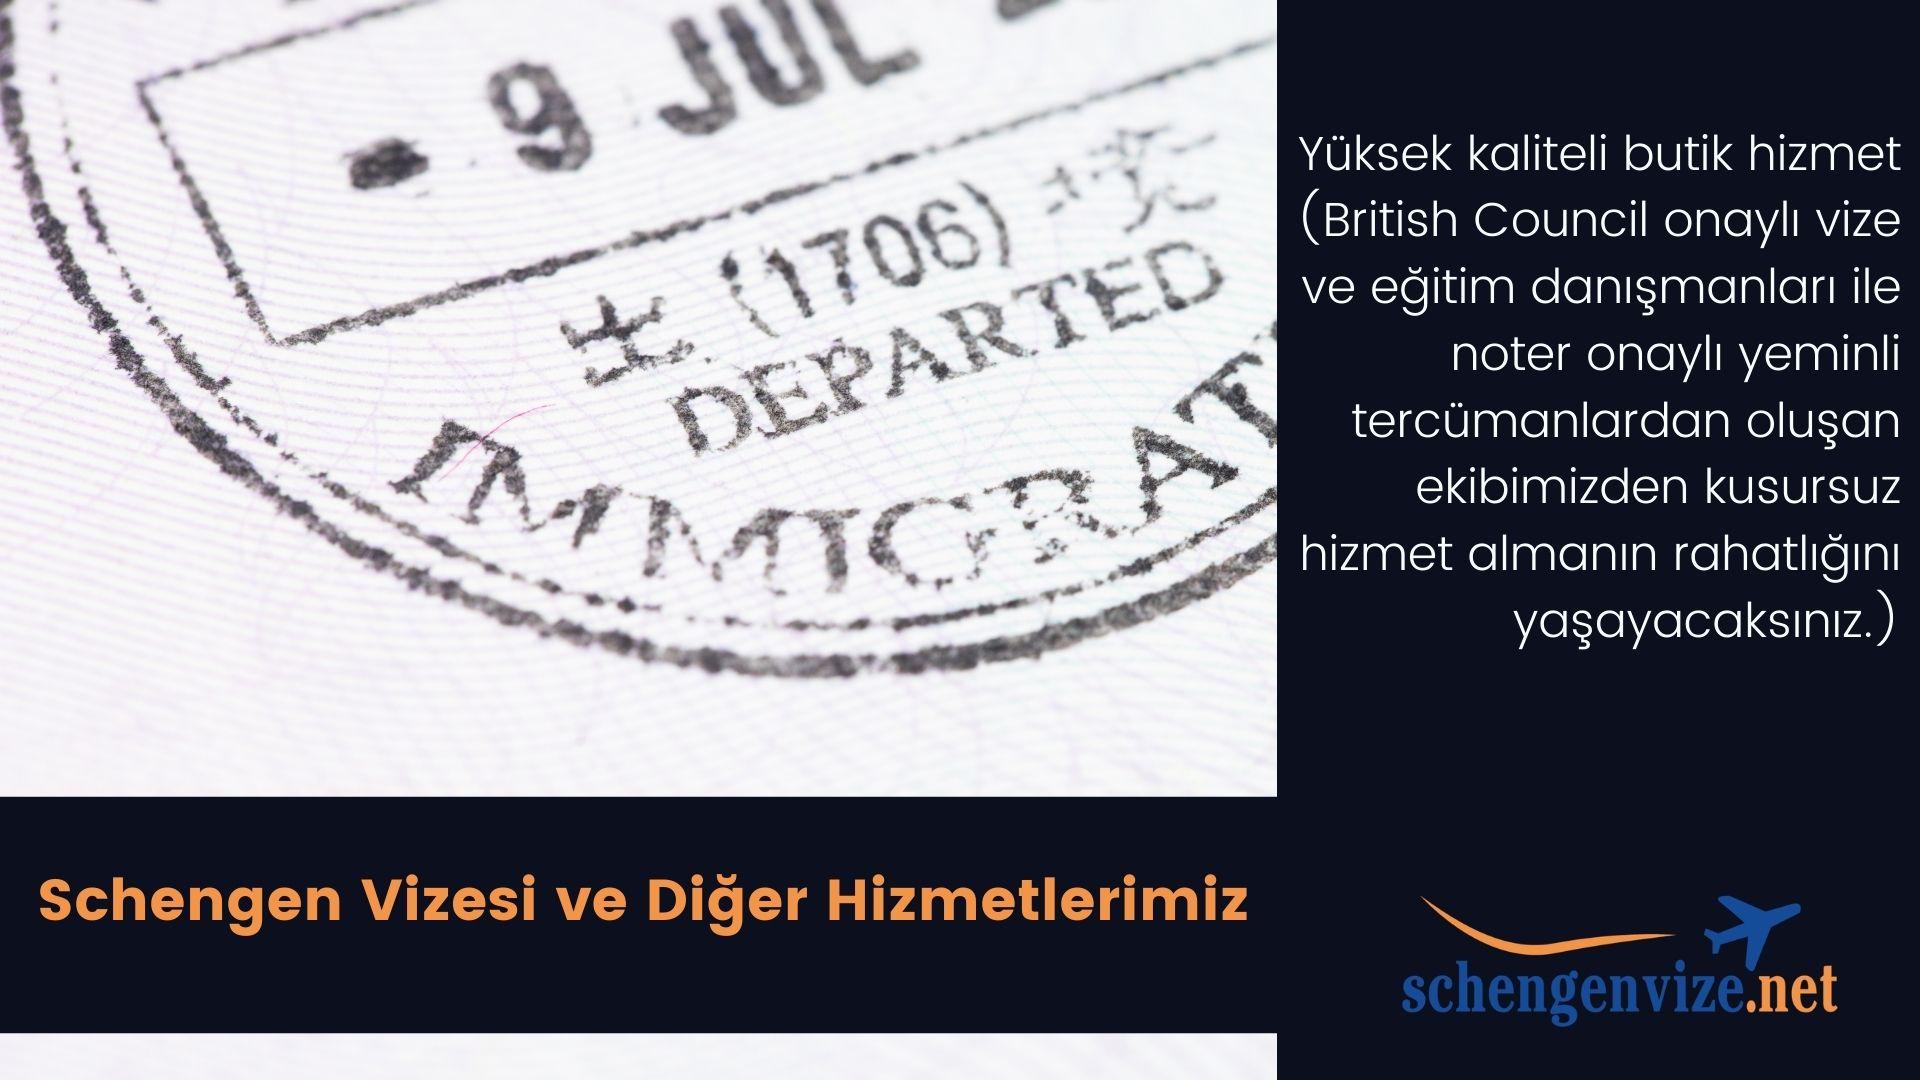 Schengen Vizesi ve Diğer Hizmetlerimiz